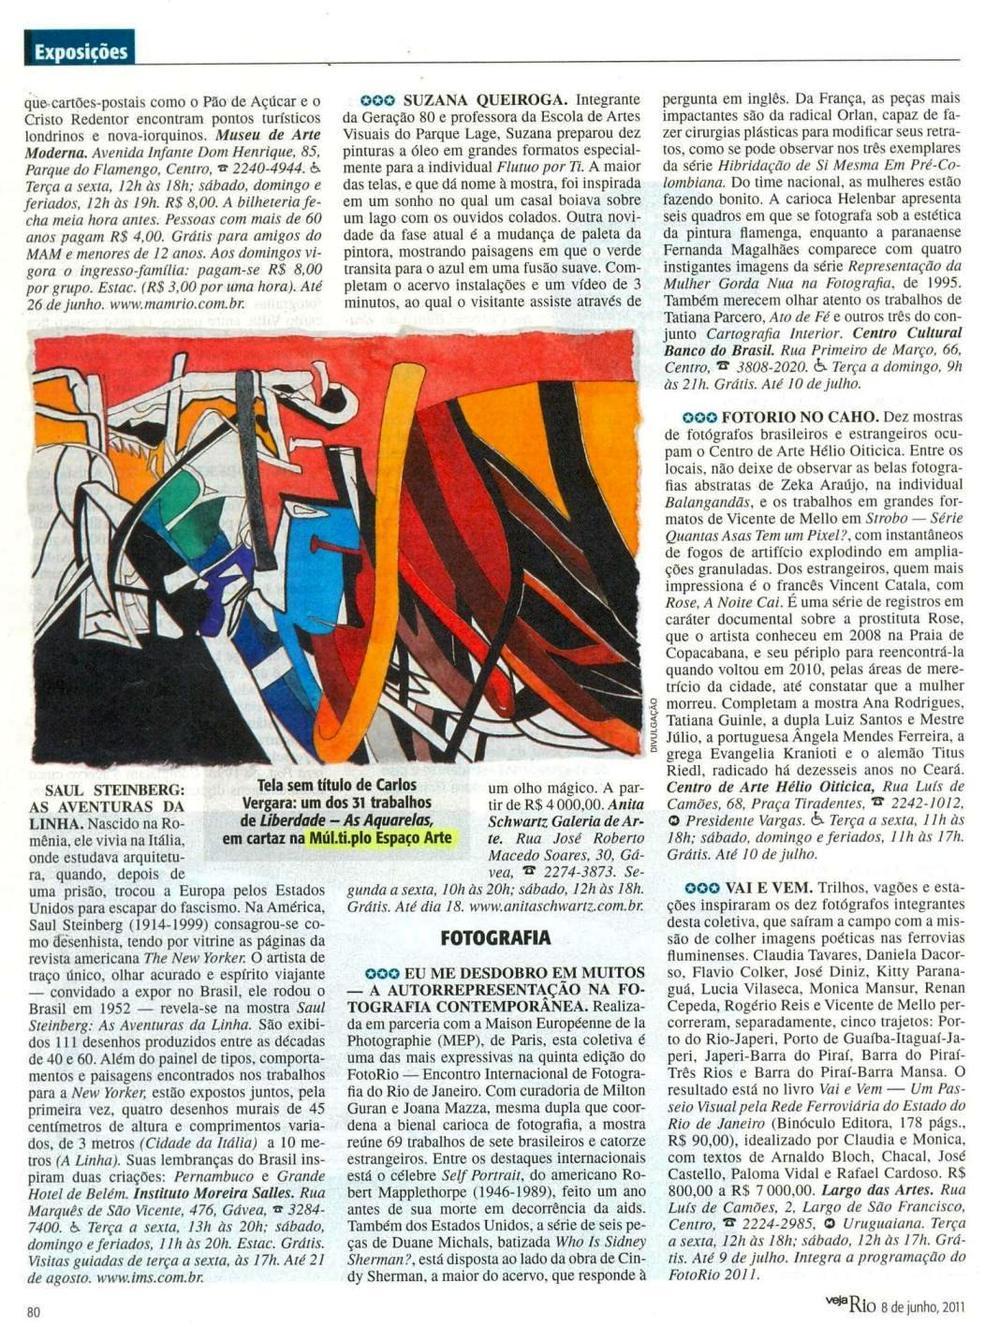 MUL.TI.PLO ESPAÇO ARTE NA VEJA RIO 08.06.2011 (1).jpg